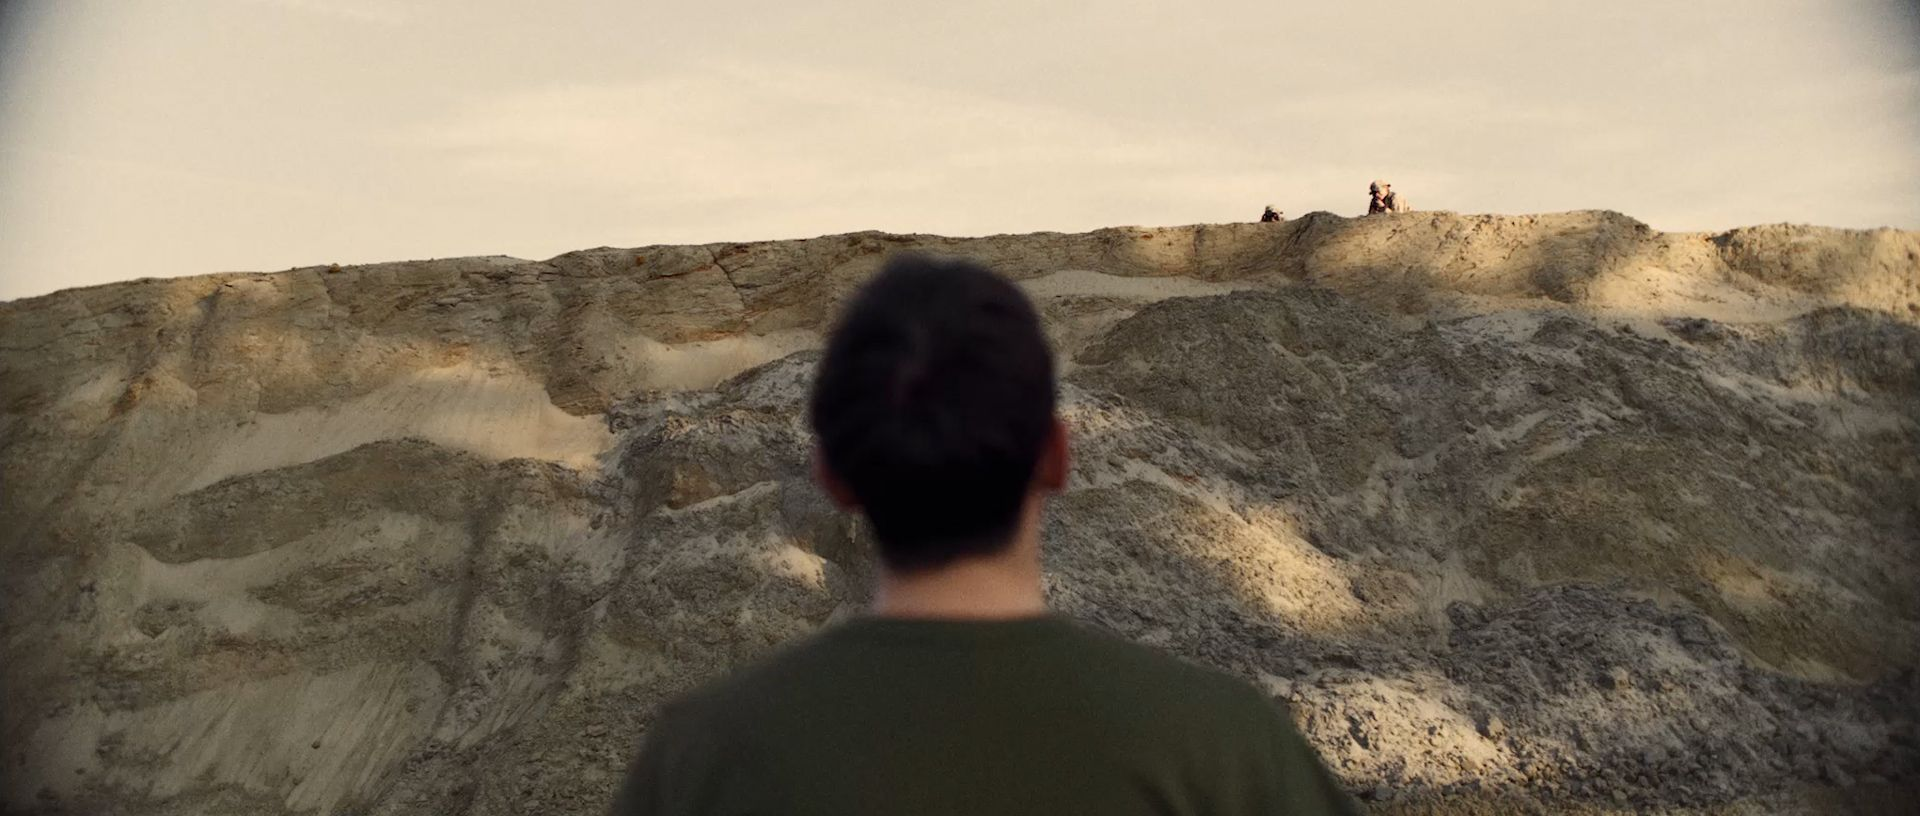 Soldat face à falaise base militsire désert